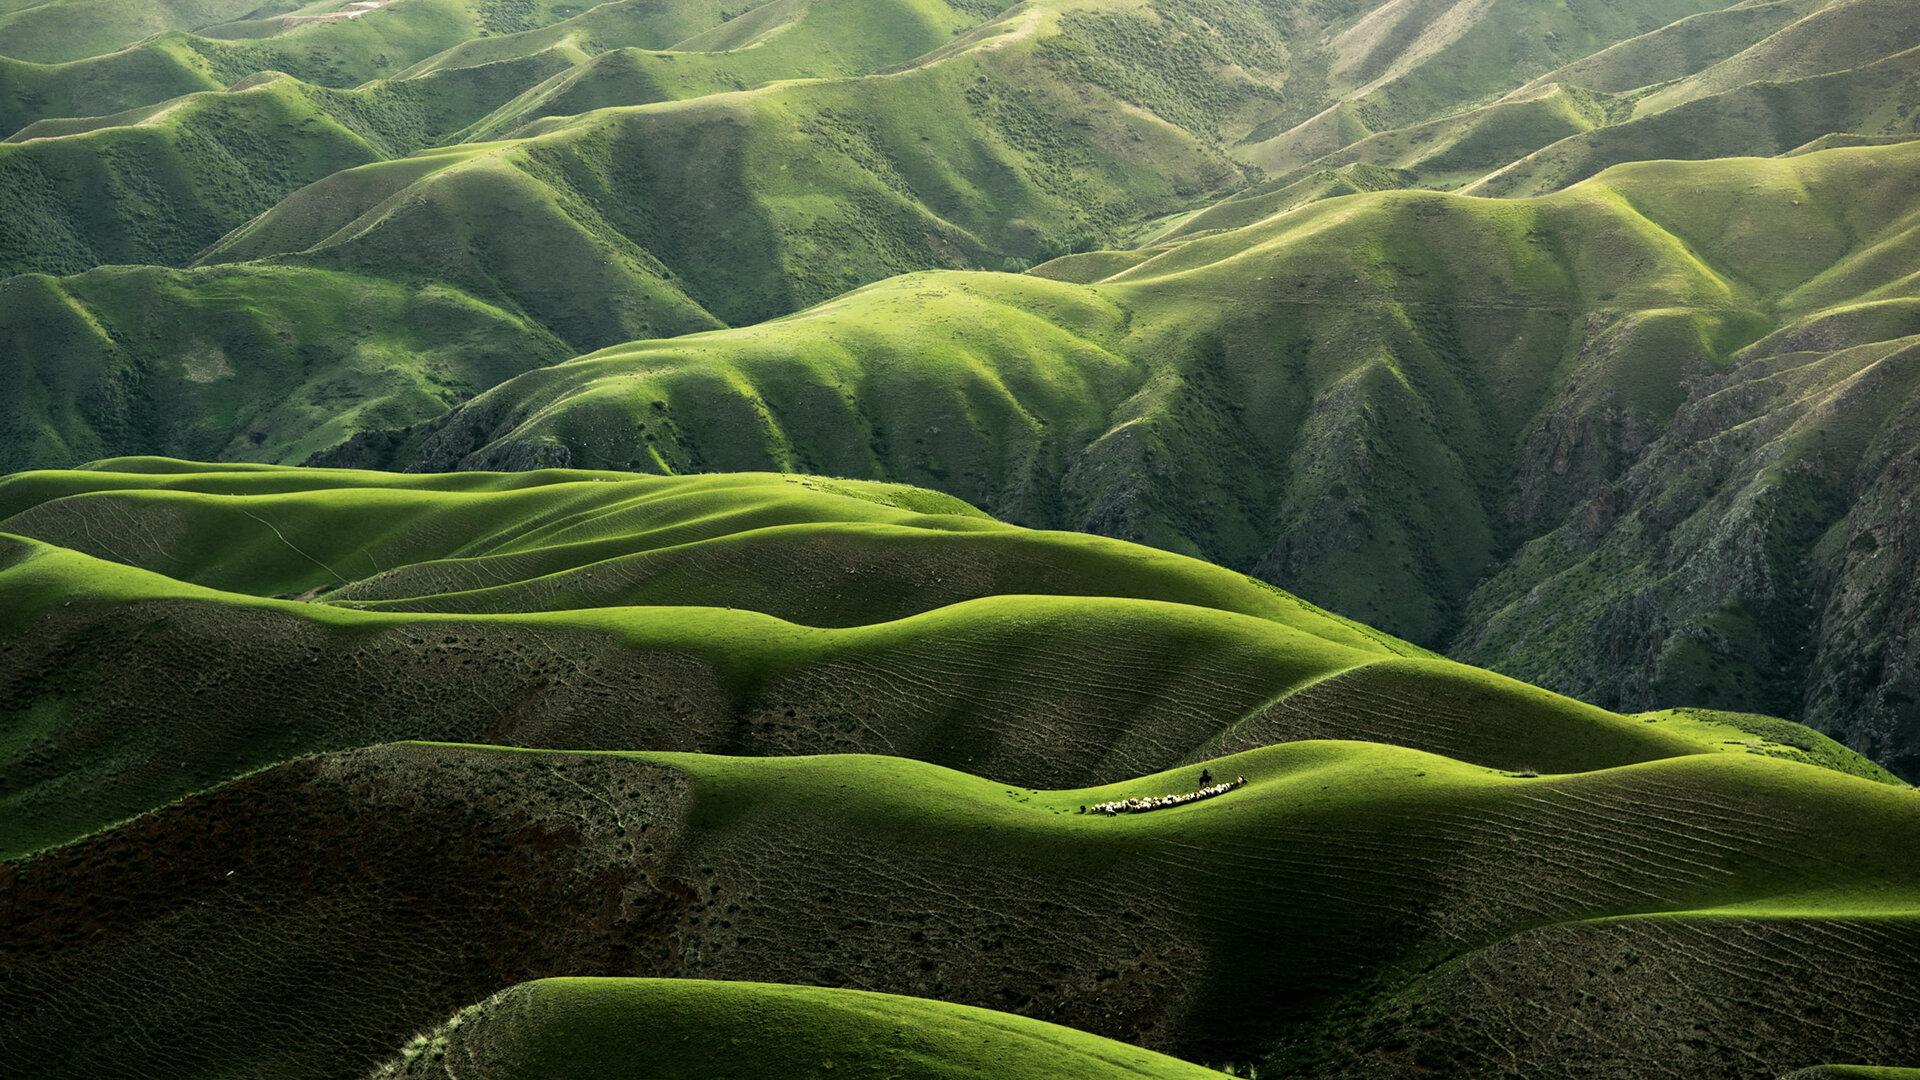 plaine verte nature